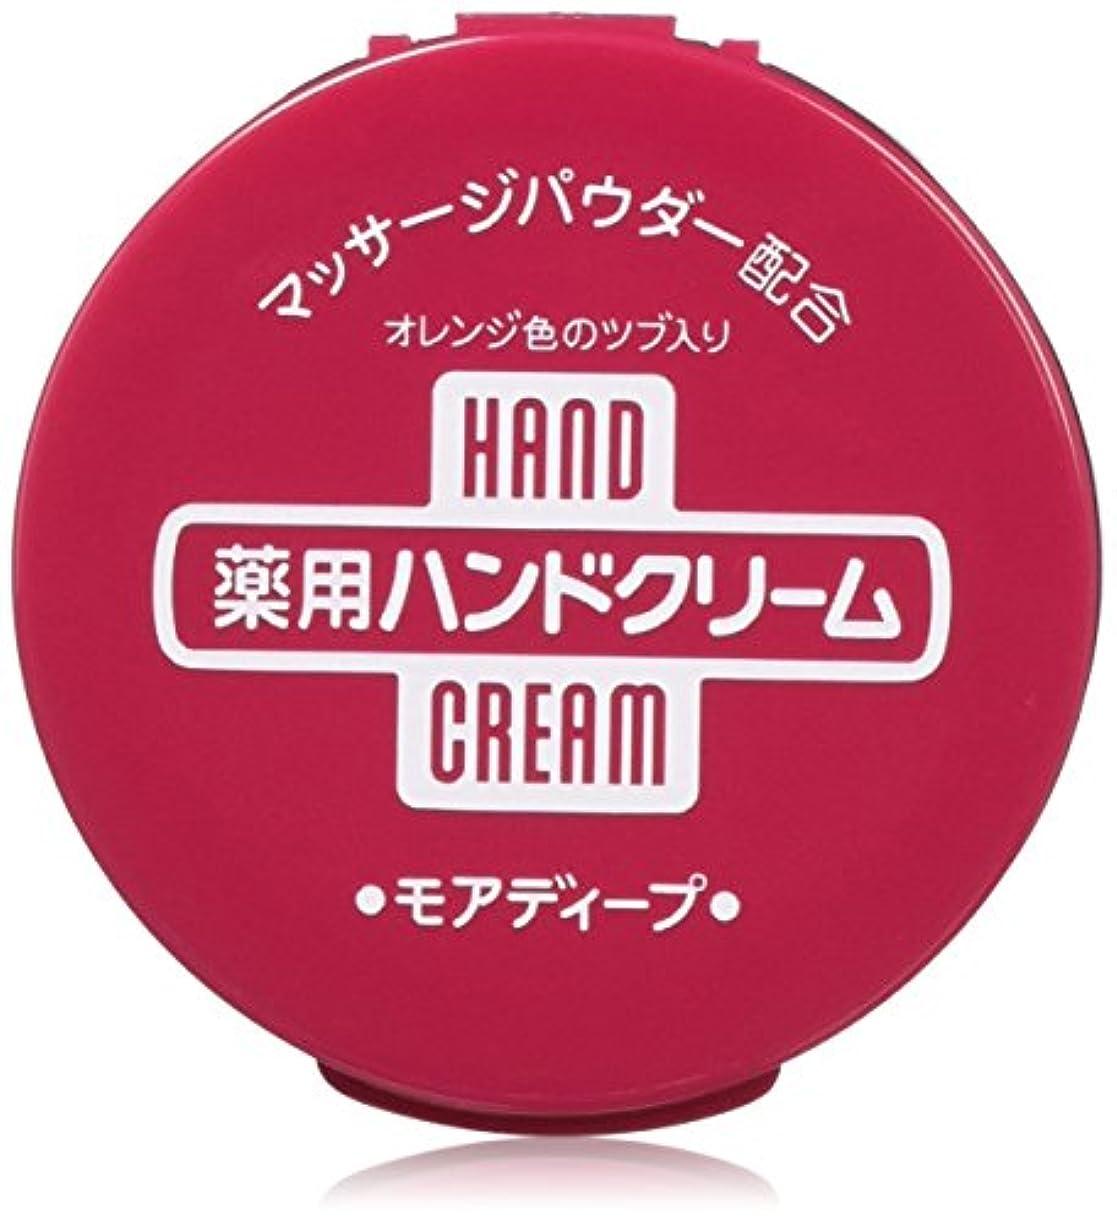 行く頬扱いやすい【まとめ買い】薬用ハンドクリーム モアディープ 100g×12個